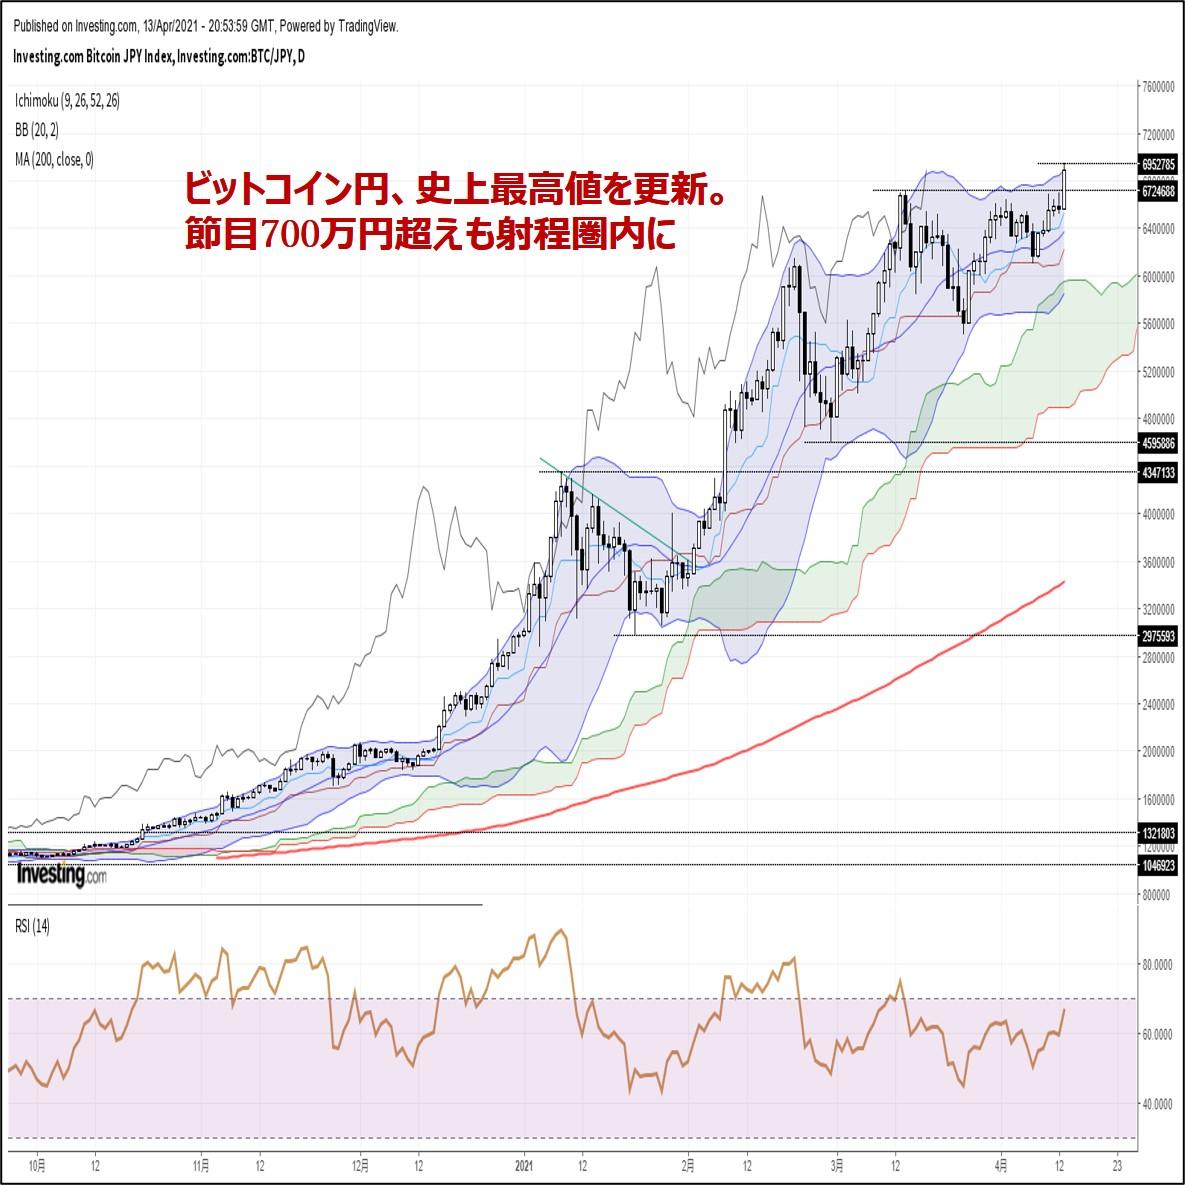 ビットコイン円、史上最高値を更新。節目700万円超えも射程圏内に